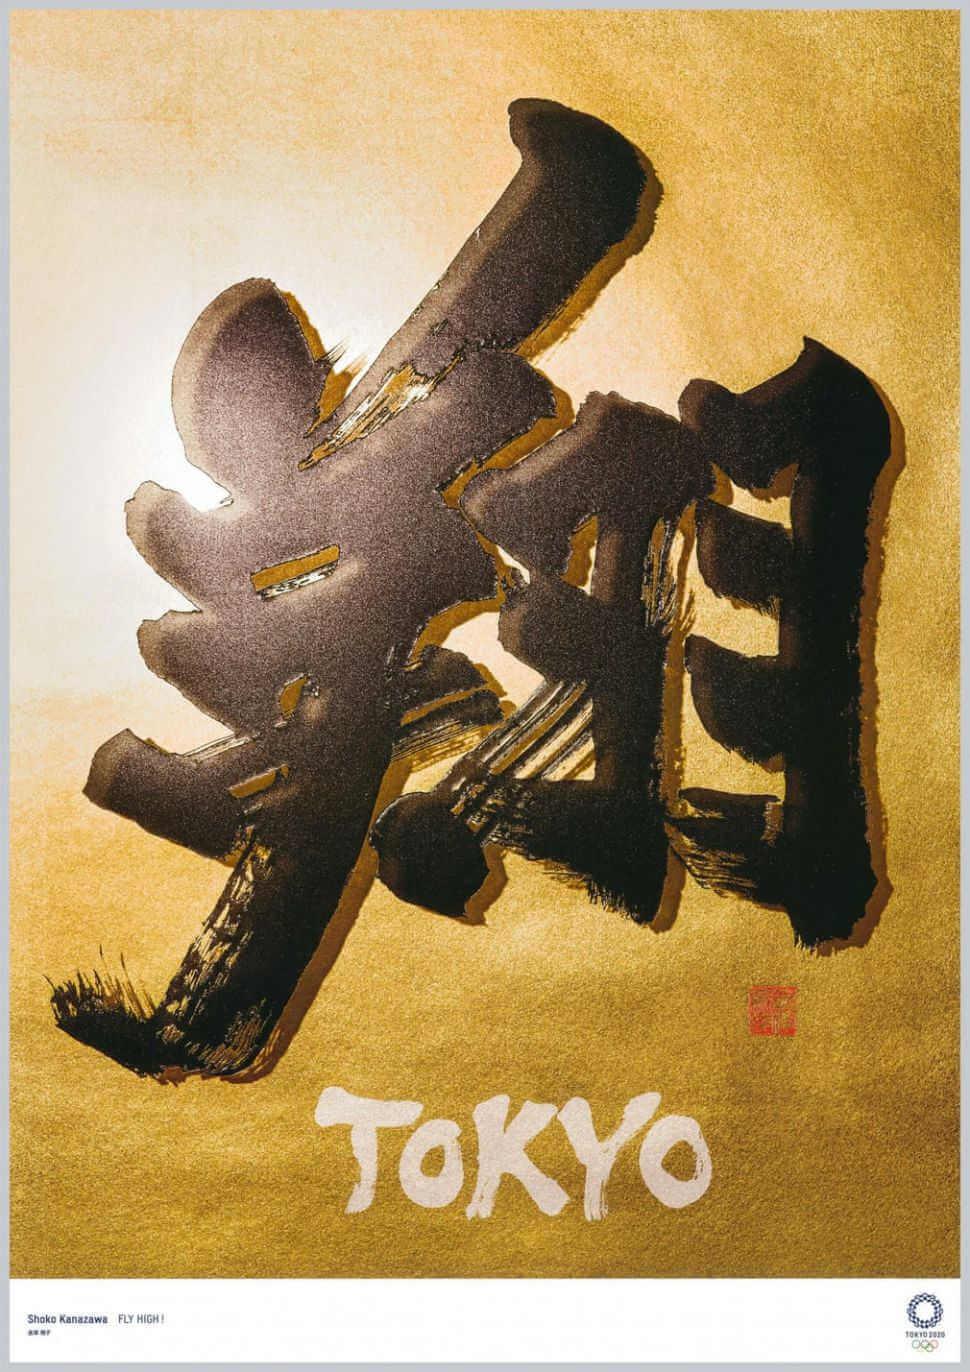 Cartel de las olimpiadas de tokio 2020 con un kanji por el caligrafista Shoko Kanazawa